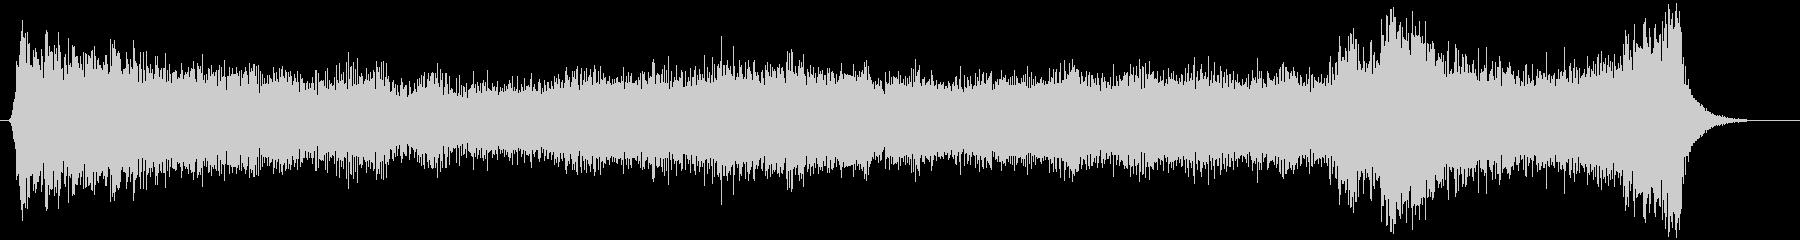 ハロウィン向け15秒ジングル オルガン1の未再生の波形